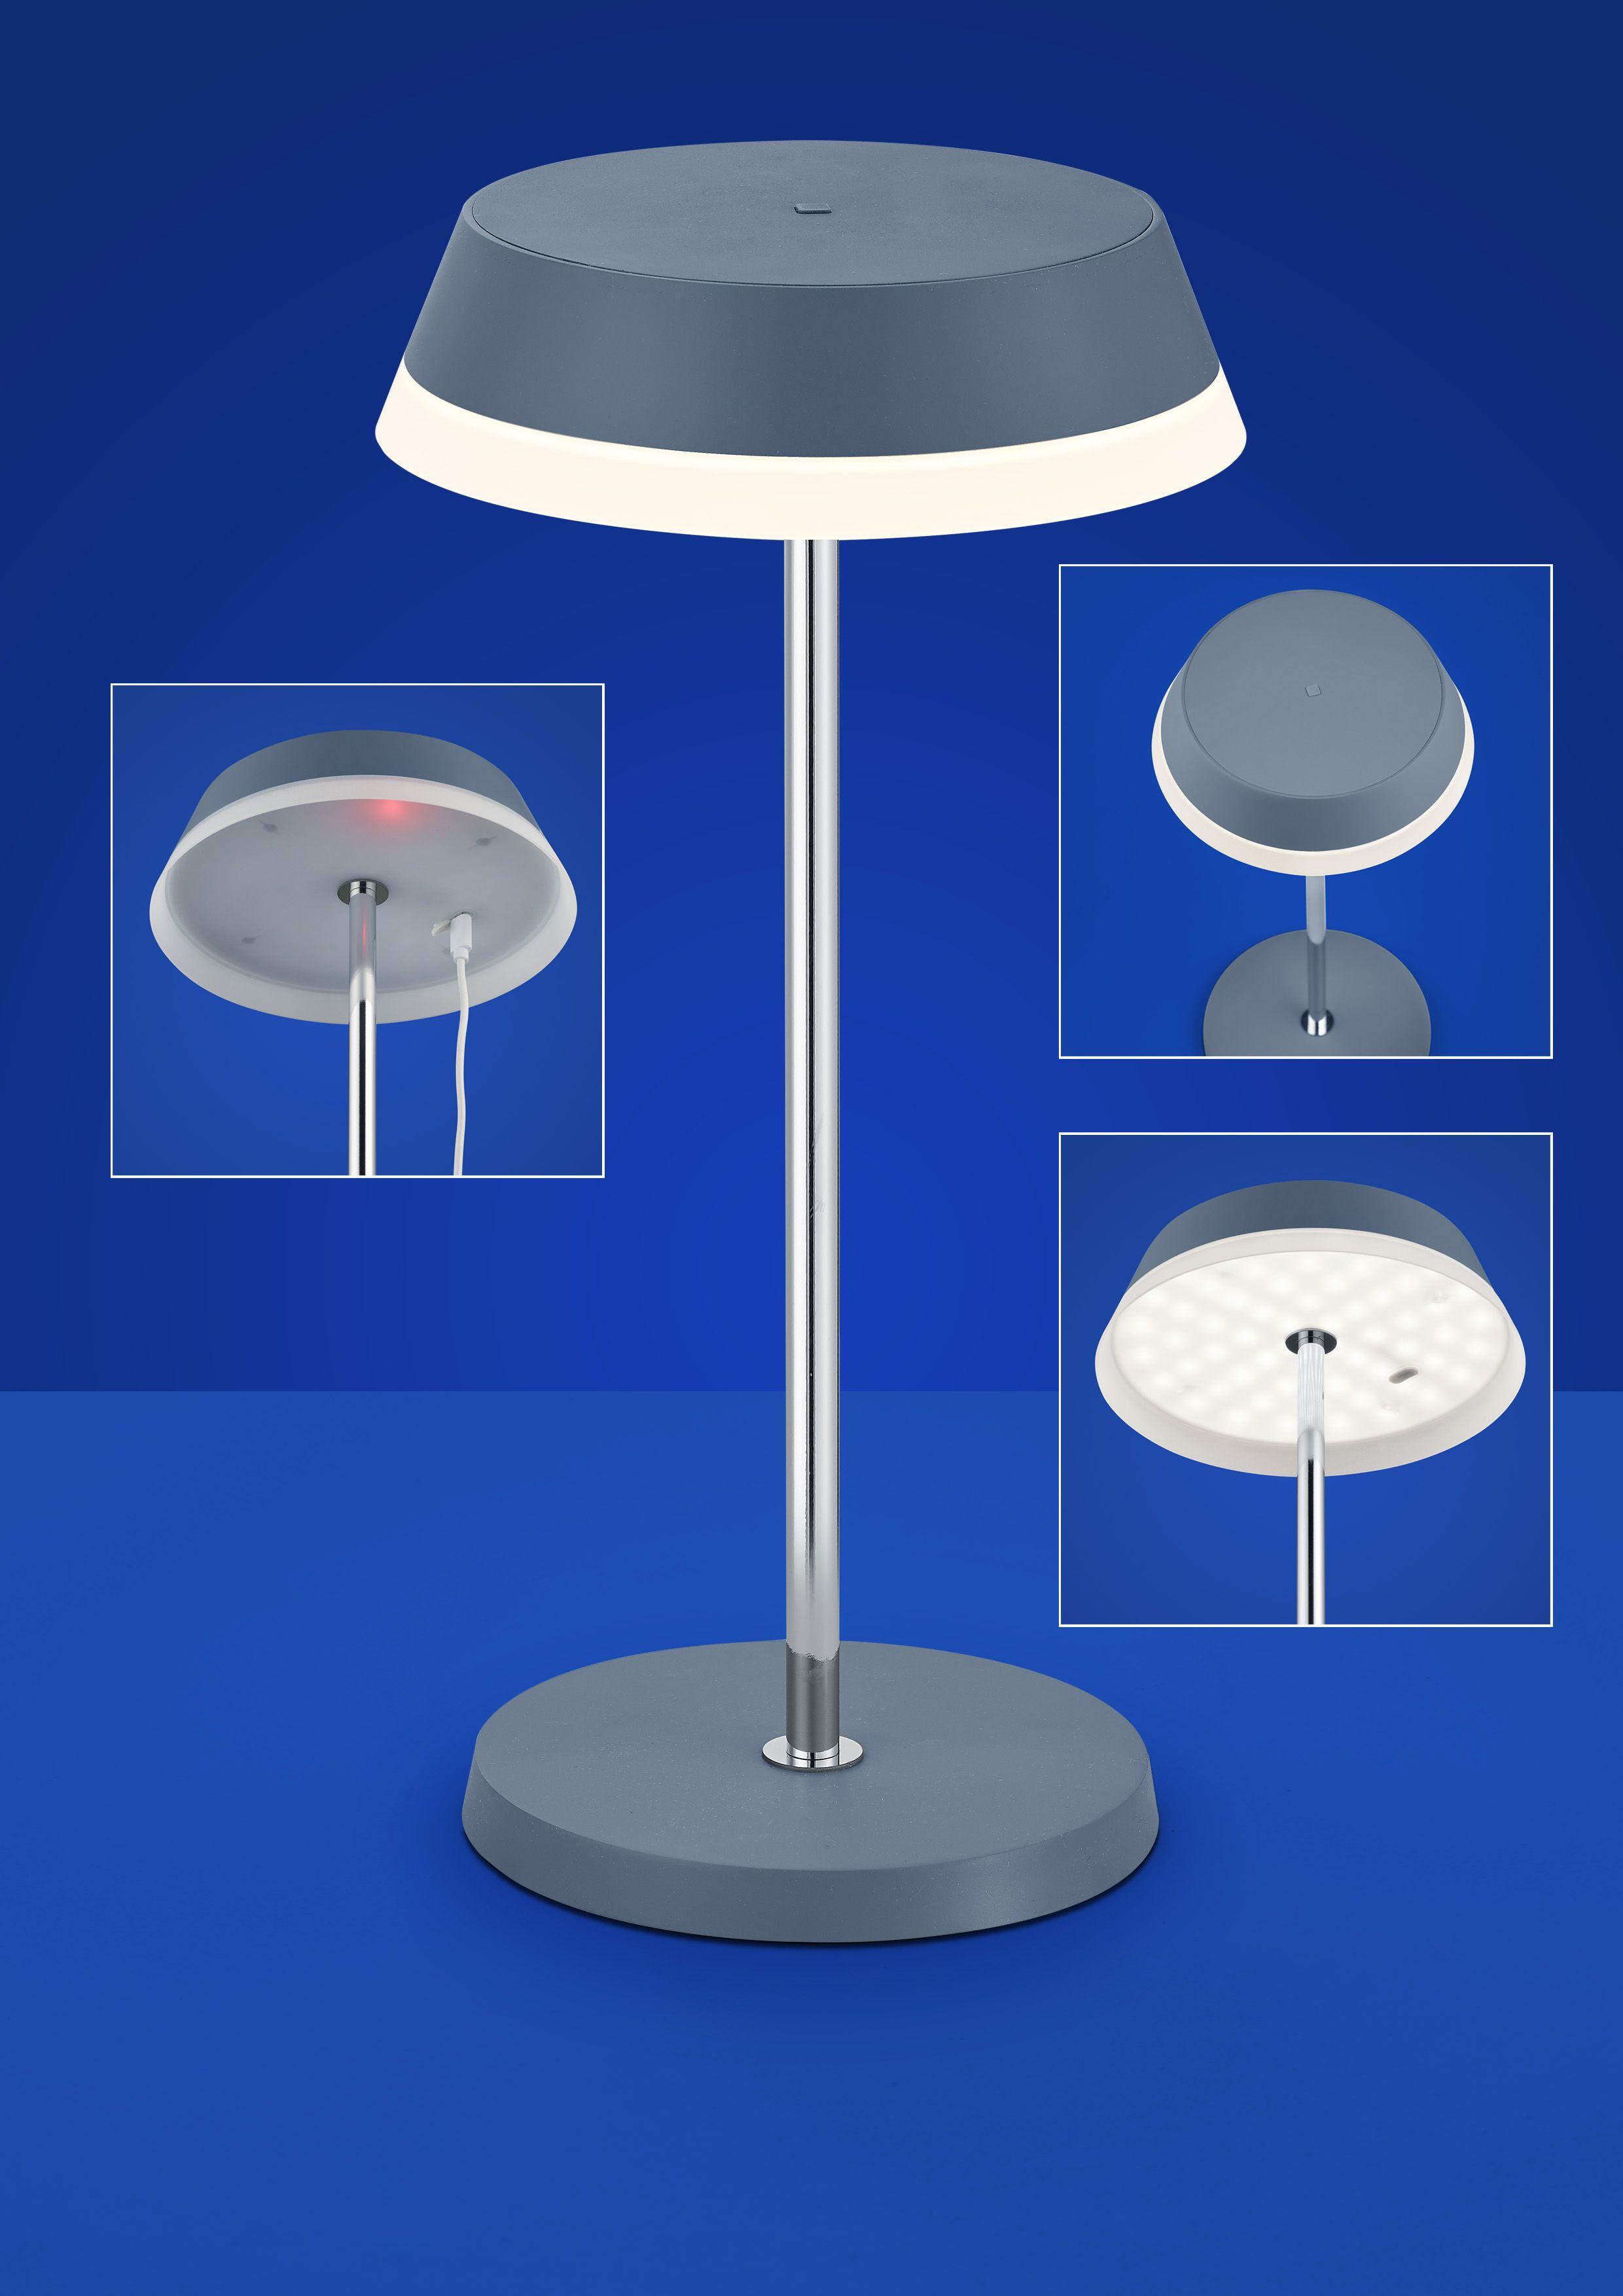 LED-Tischleuchten & LED-Tischlampen von B-Leuchten JOY LED Mobilleuchte / Akkuleuchte / Tischleuchte 50314/1-10